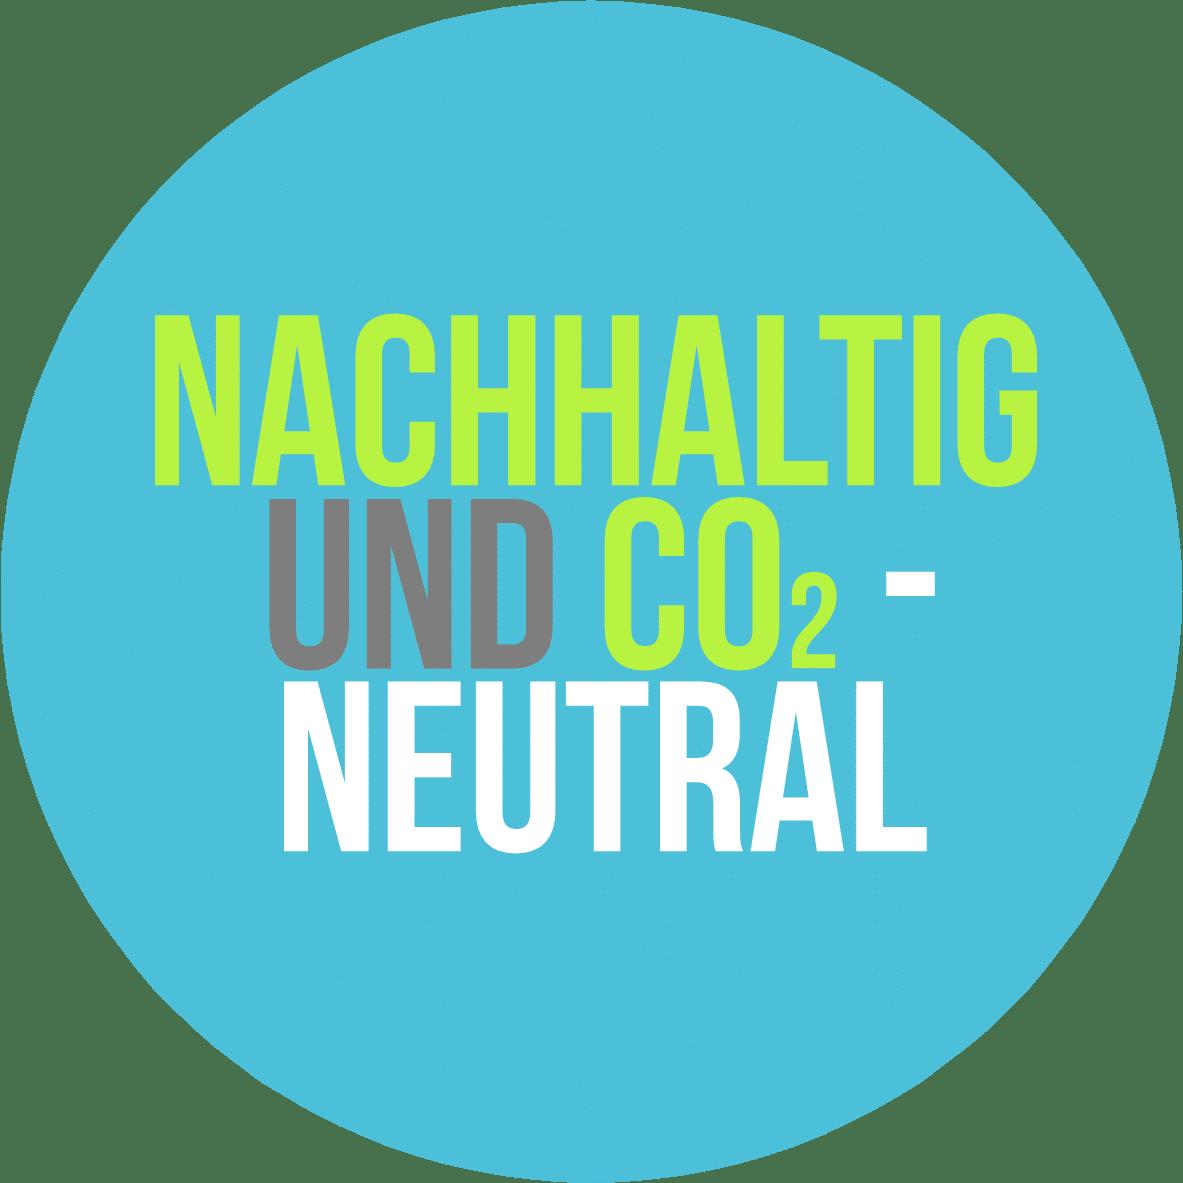 nachhaltig und co2 neutral